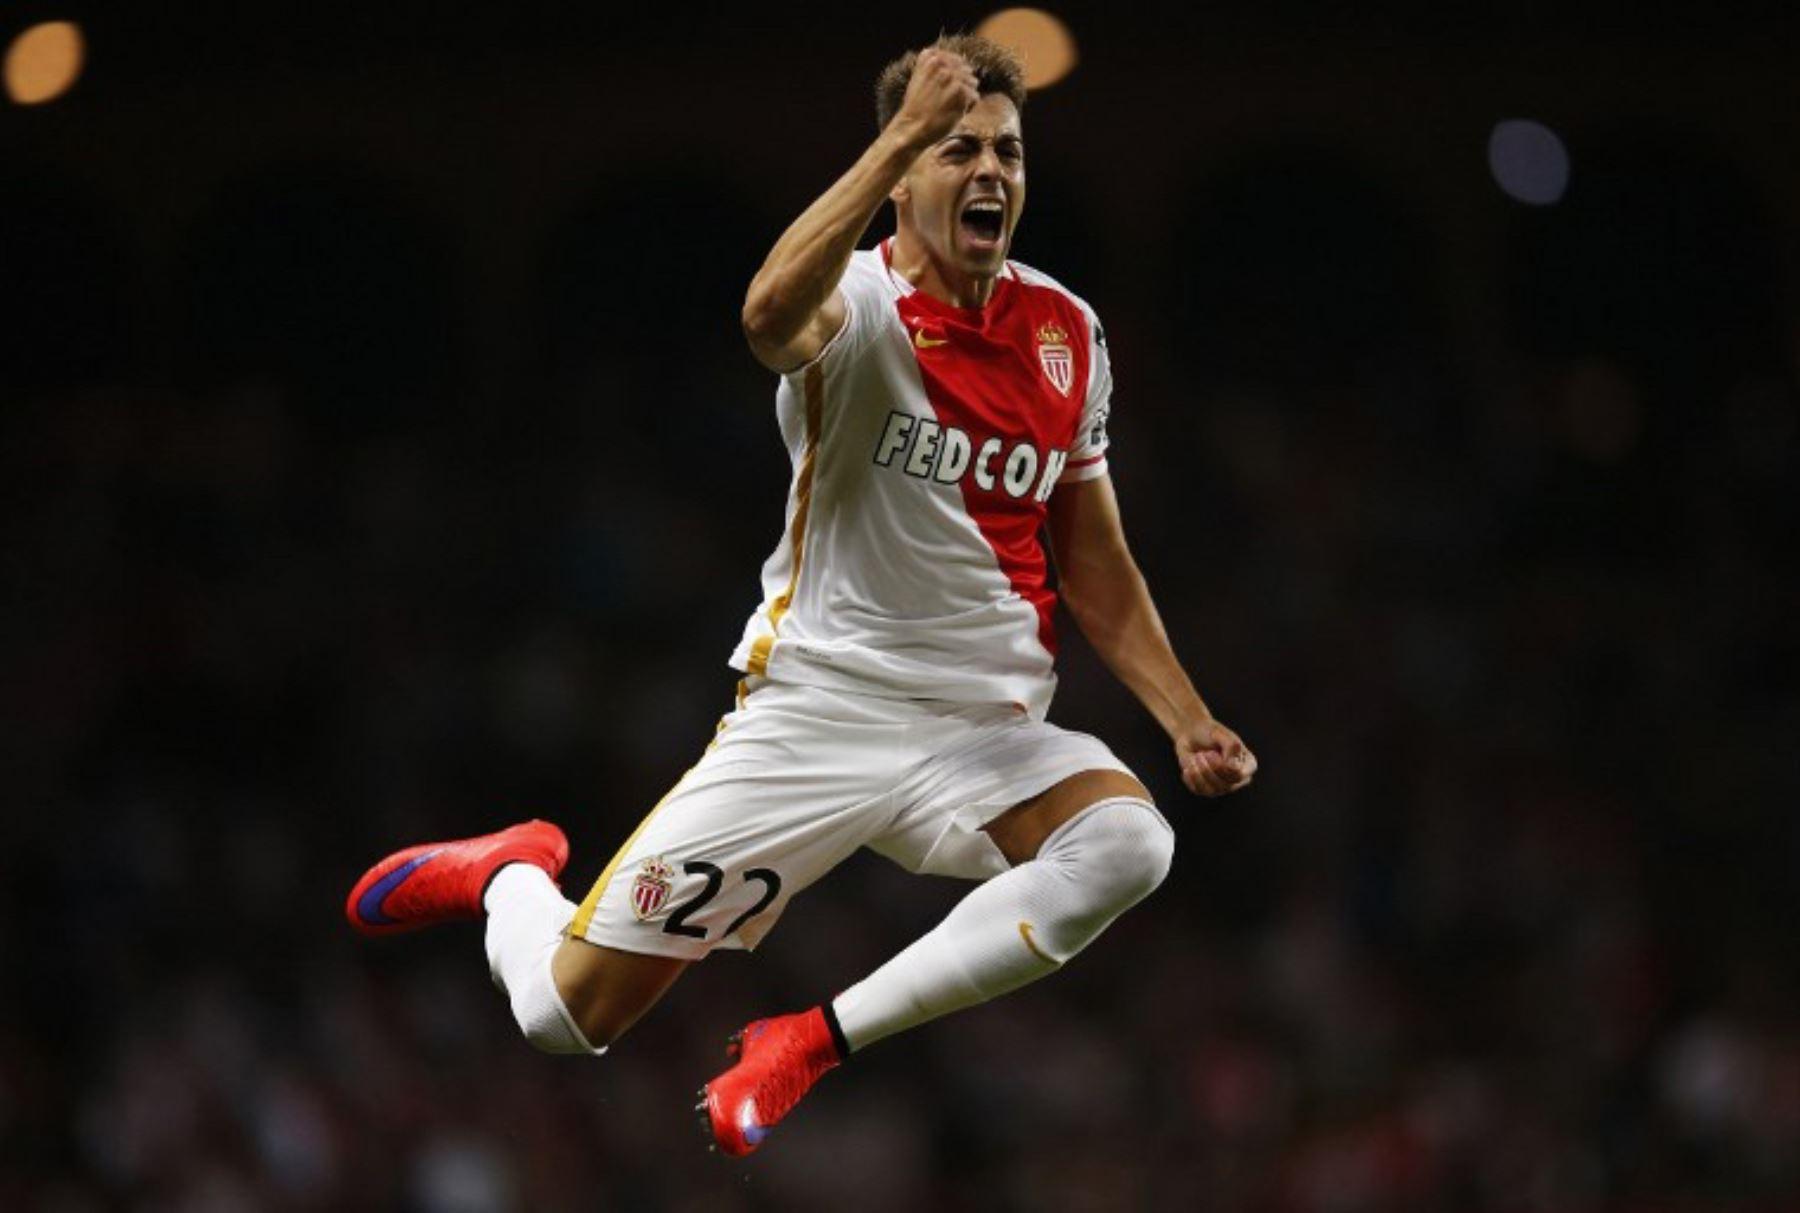 El Delantero del Mónaco Stephan El Shaarawy celebra después de anotar el 4-0 en la UEFA Champions League. Foto: AFP